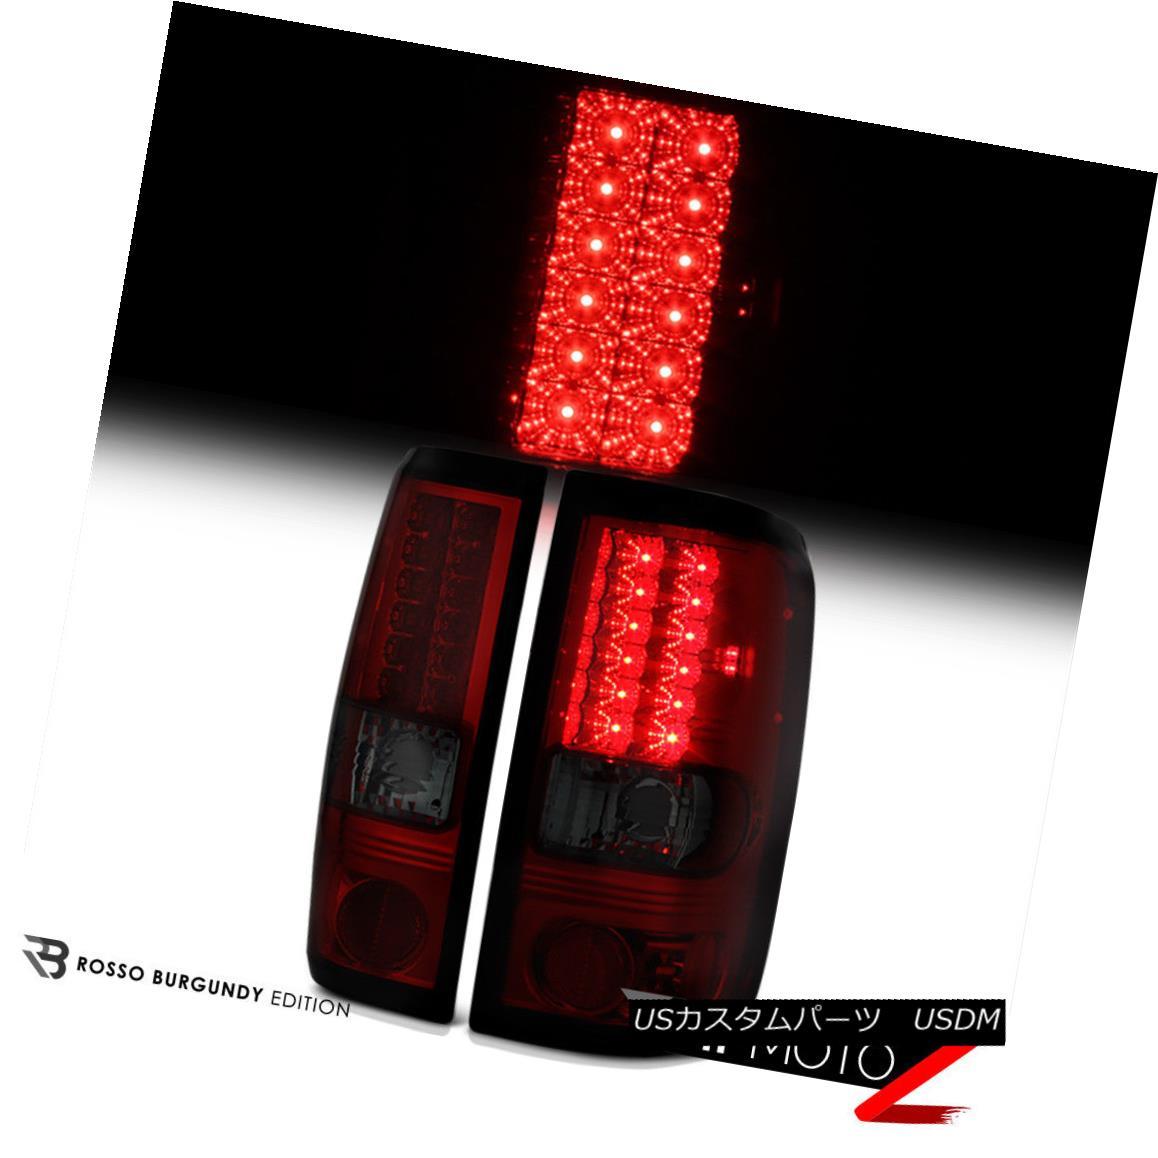 テールライト [WINE RED] 2004-2008 Ford F150 Rear LED Smoke Tail Lights Lamps PAIR LEFT+RIGHT [ワインレッド] 2004-2008フォードF150リアLEDスモークテールライトランプPAIR LEFT + RIGHT